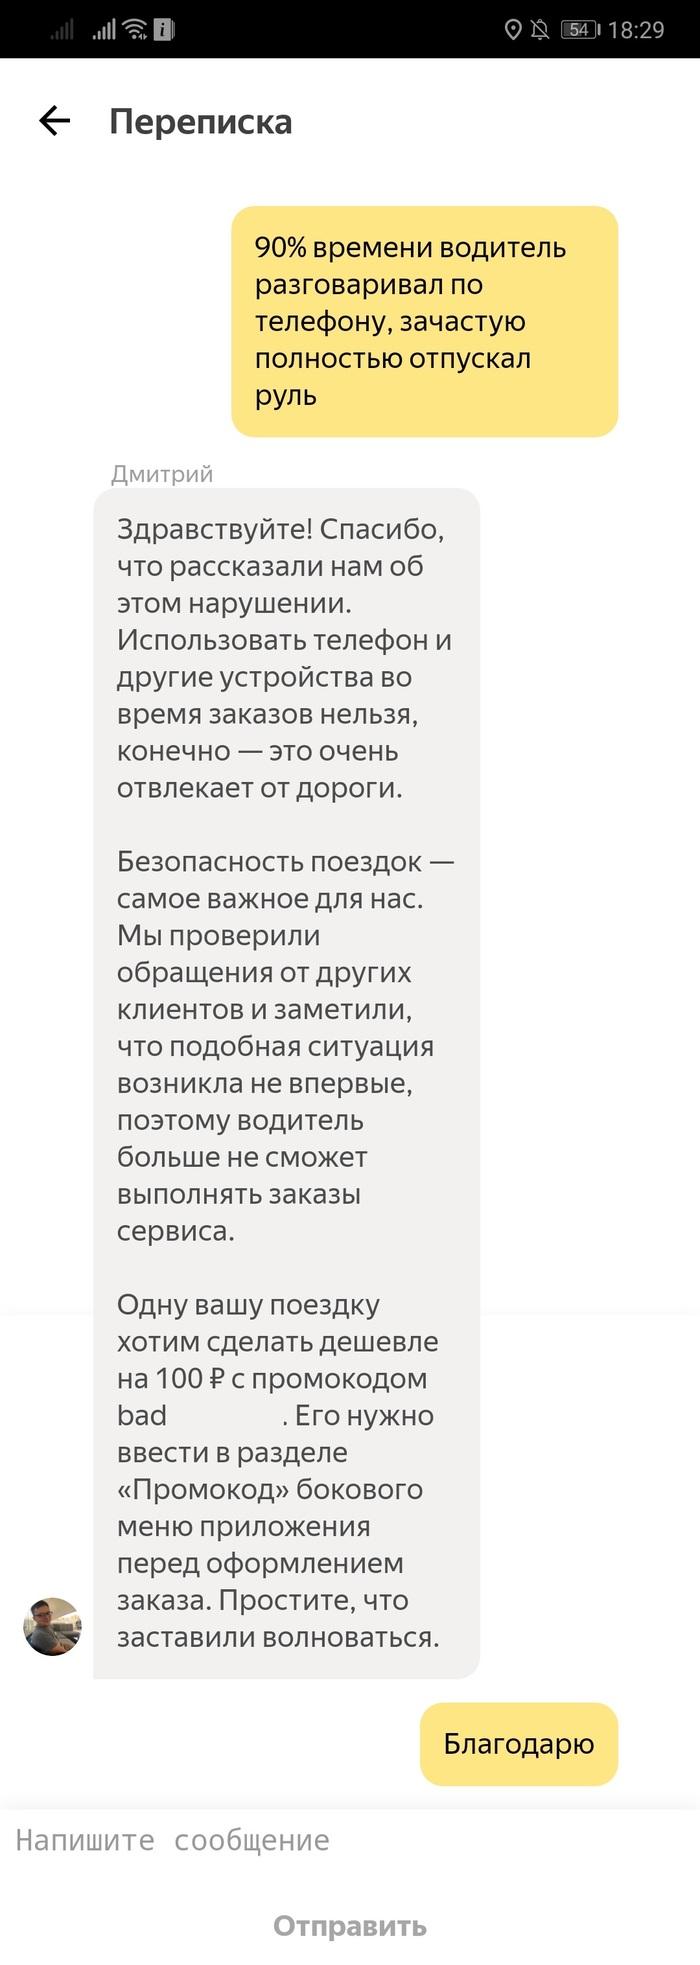 Как заблокировать водителя в Яндекс.Такси Такси, Яндекс такси, Водитель, Уфа, ПДД, Башкортостан, Длиннопост